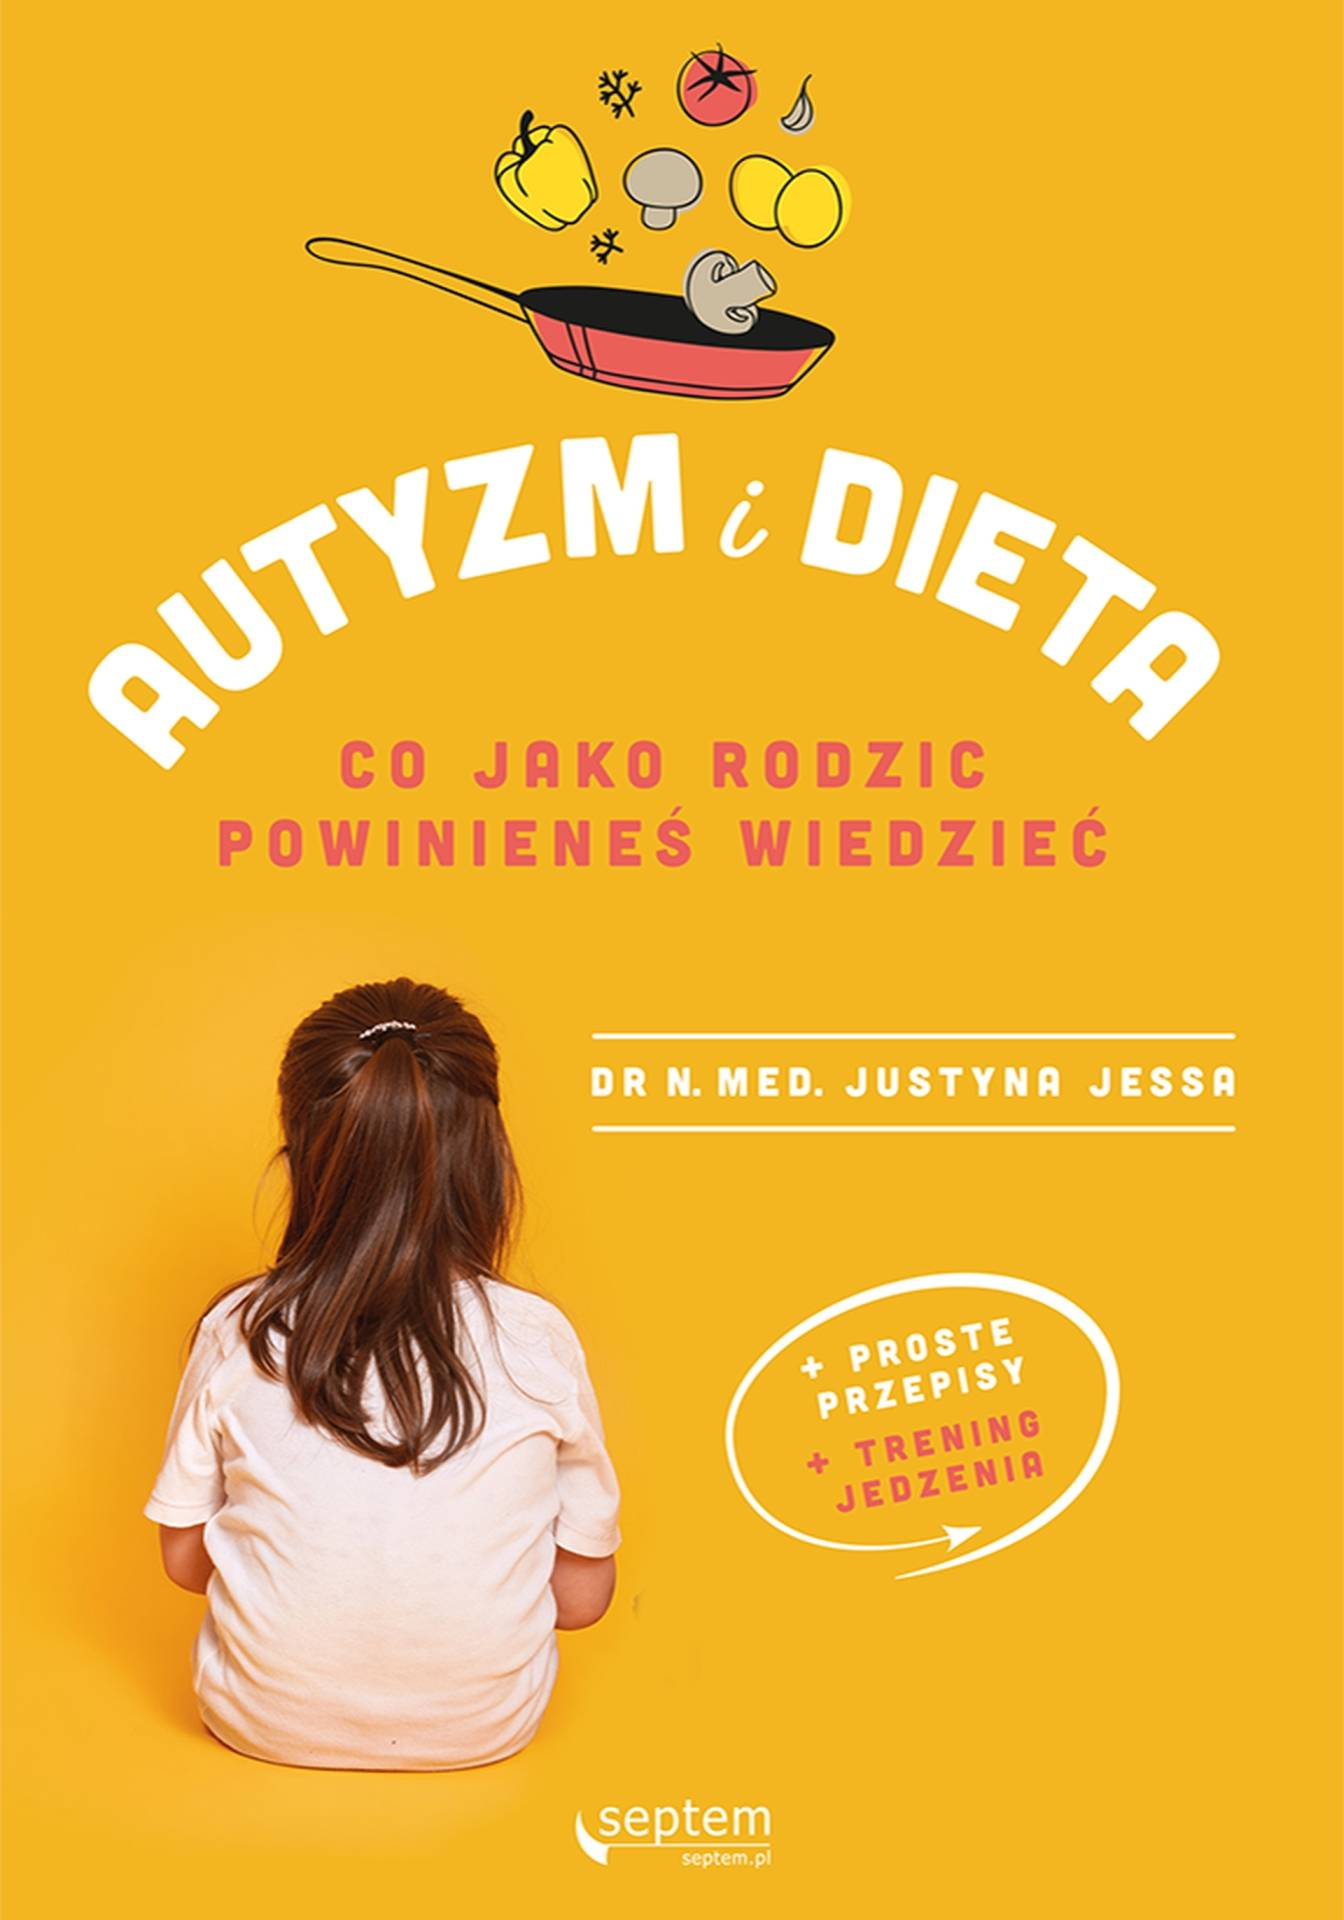 """Okładka książki dr n. med. Justyny Jessy """"Dieta i autyzm. Co jako rodzic powinieneś wiedzieć""""."""